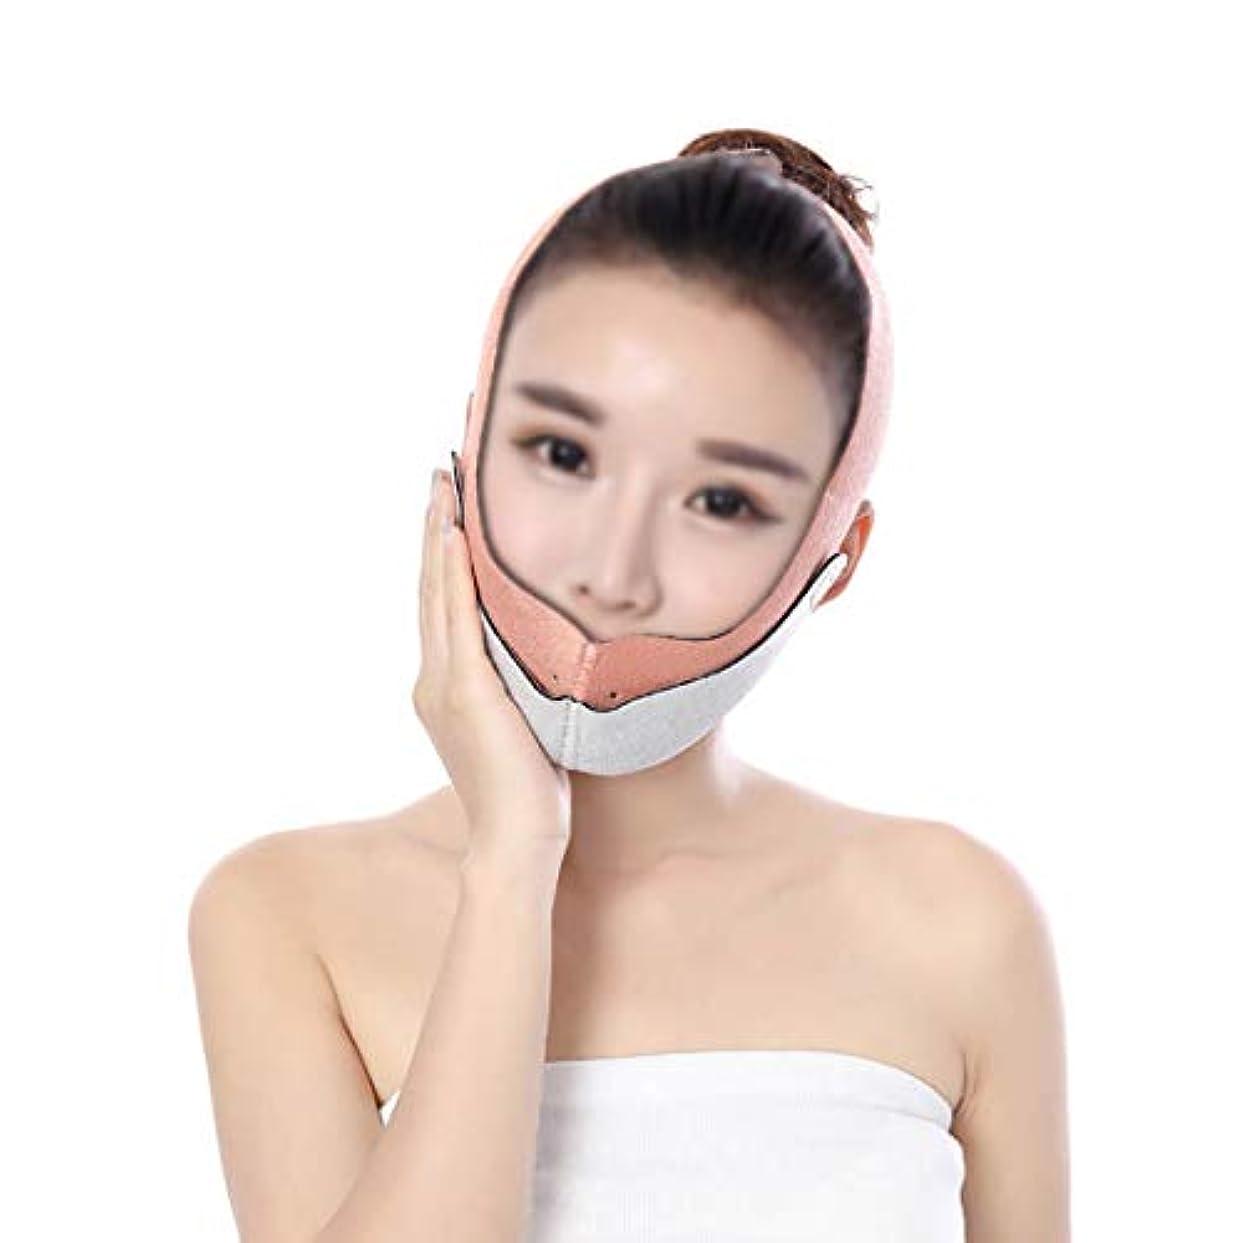 単独で対話平日TLMY ファーミングマスク薄い顔アーティファクト補正フェイスリフティングアンチたるみ包帯美容マスクマスクVフェイスクロスツール 顔用整形マスク